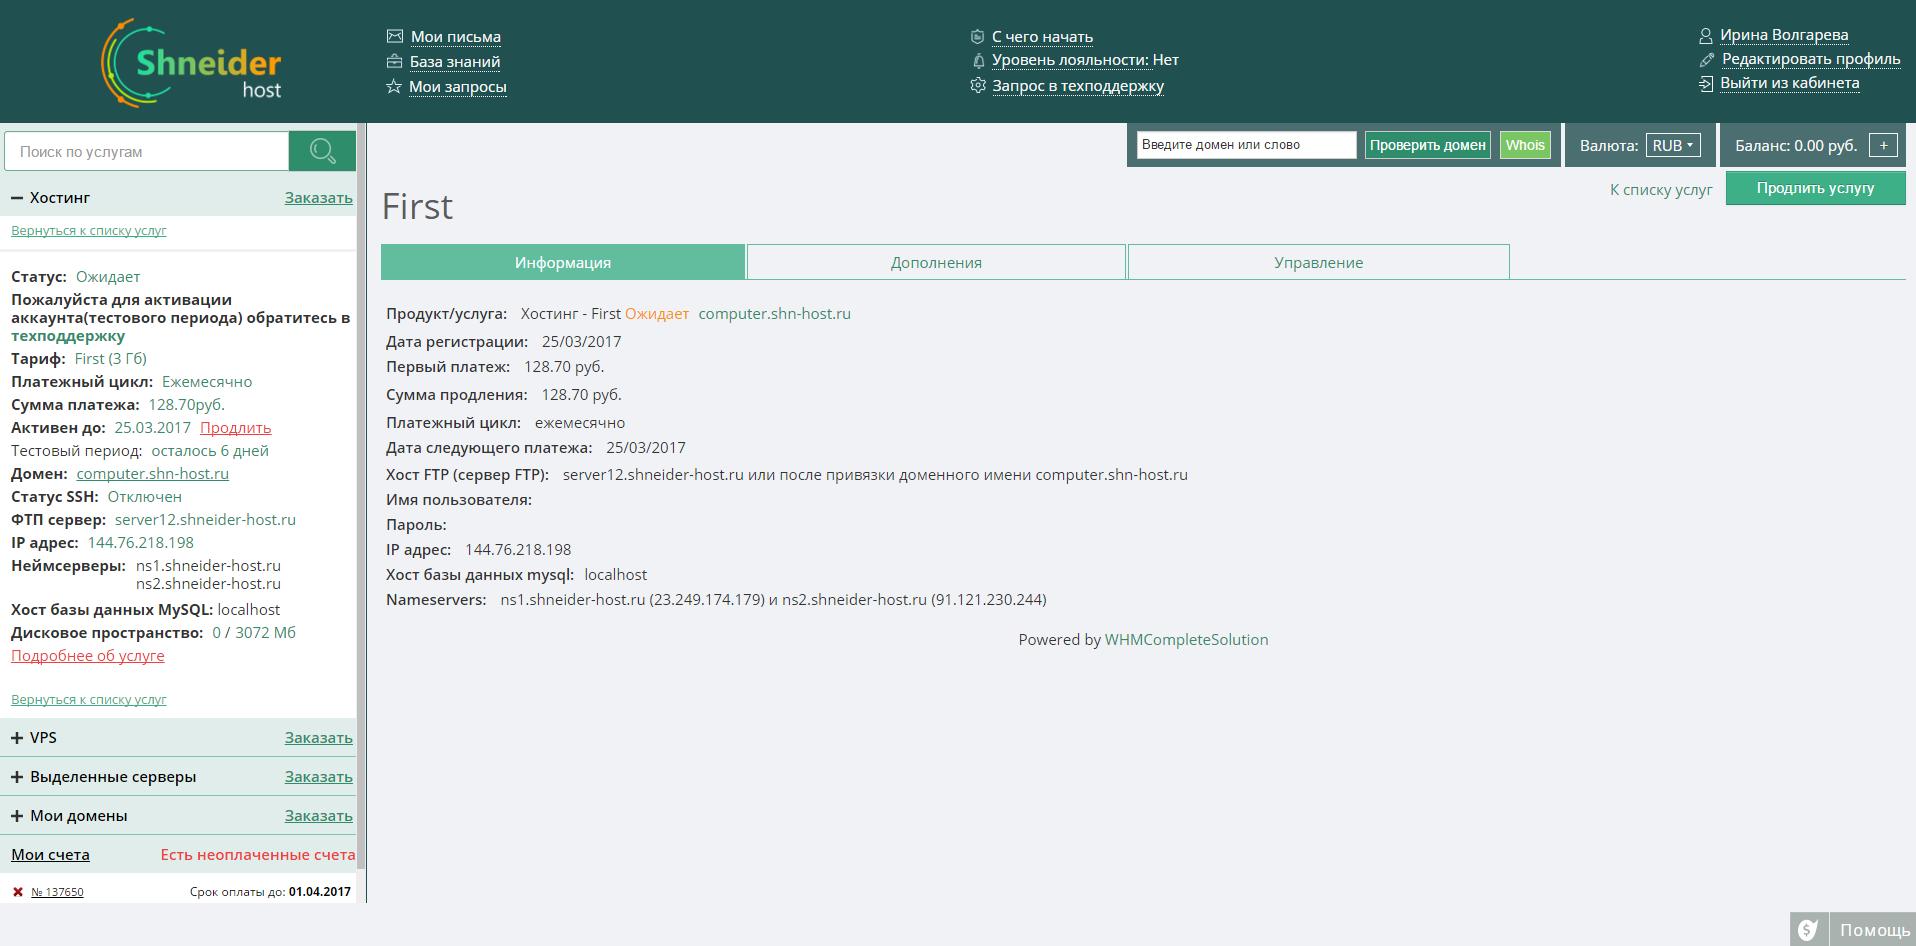 Отзывы о хостинге shneider-host.ru создание флеш сайтов тюмень